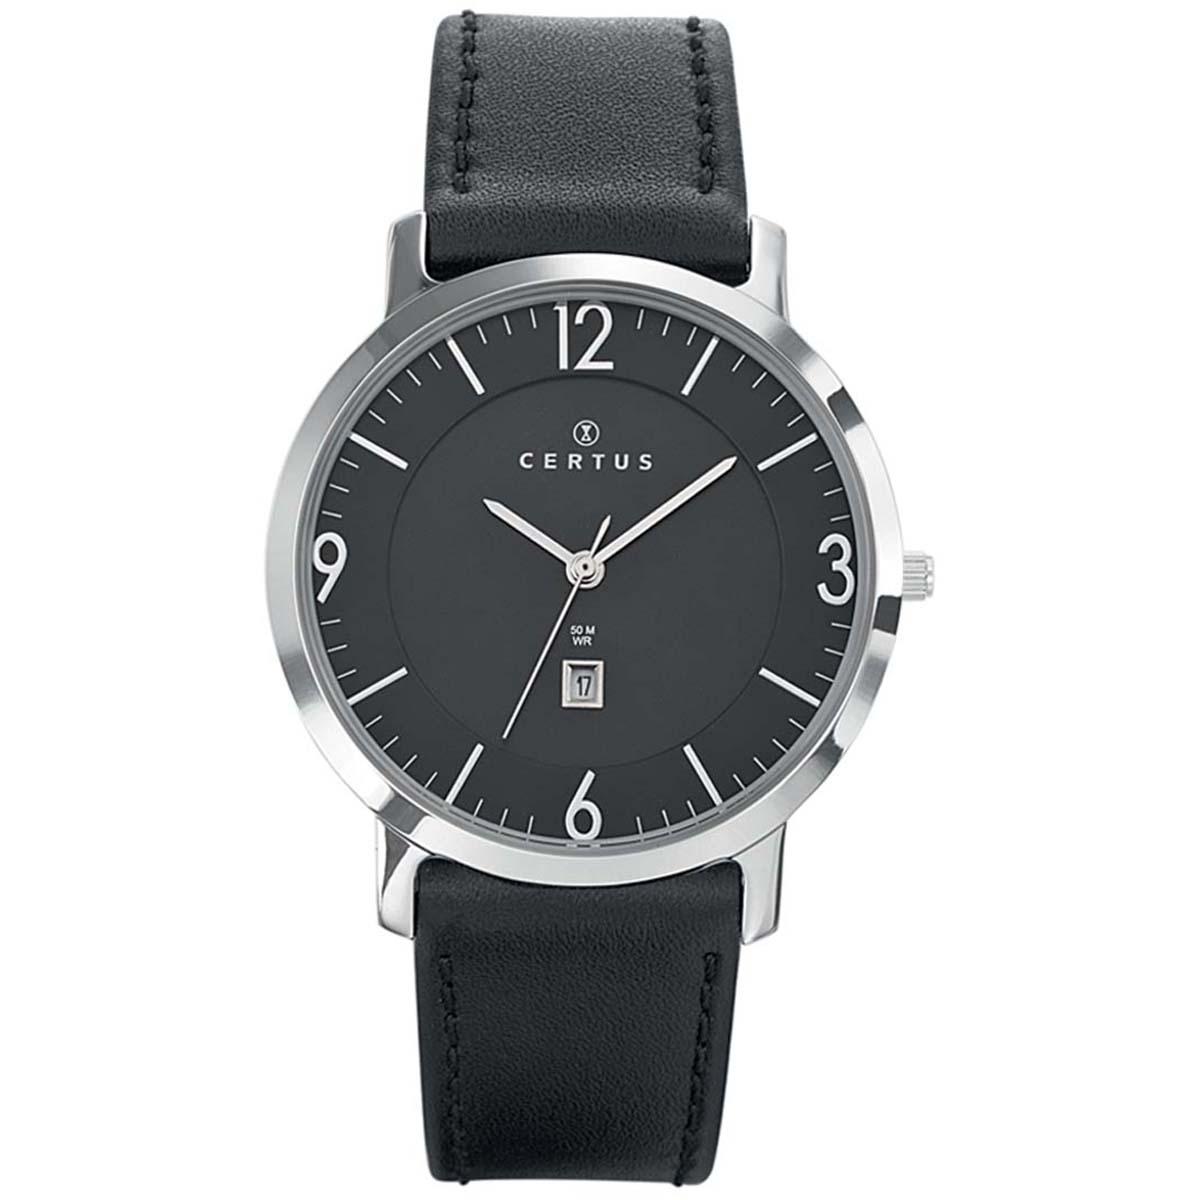 certus montre